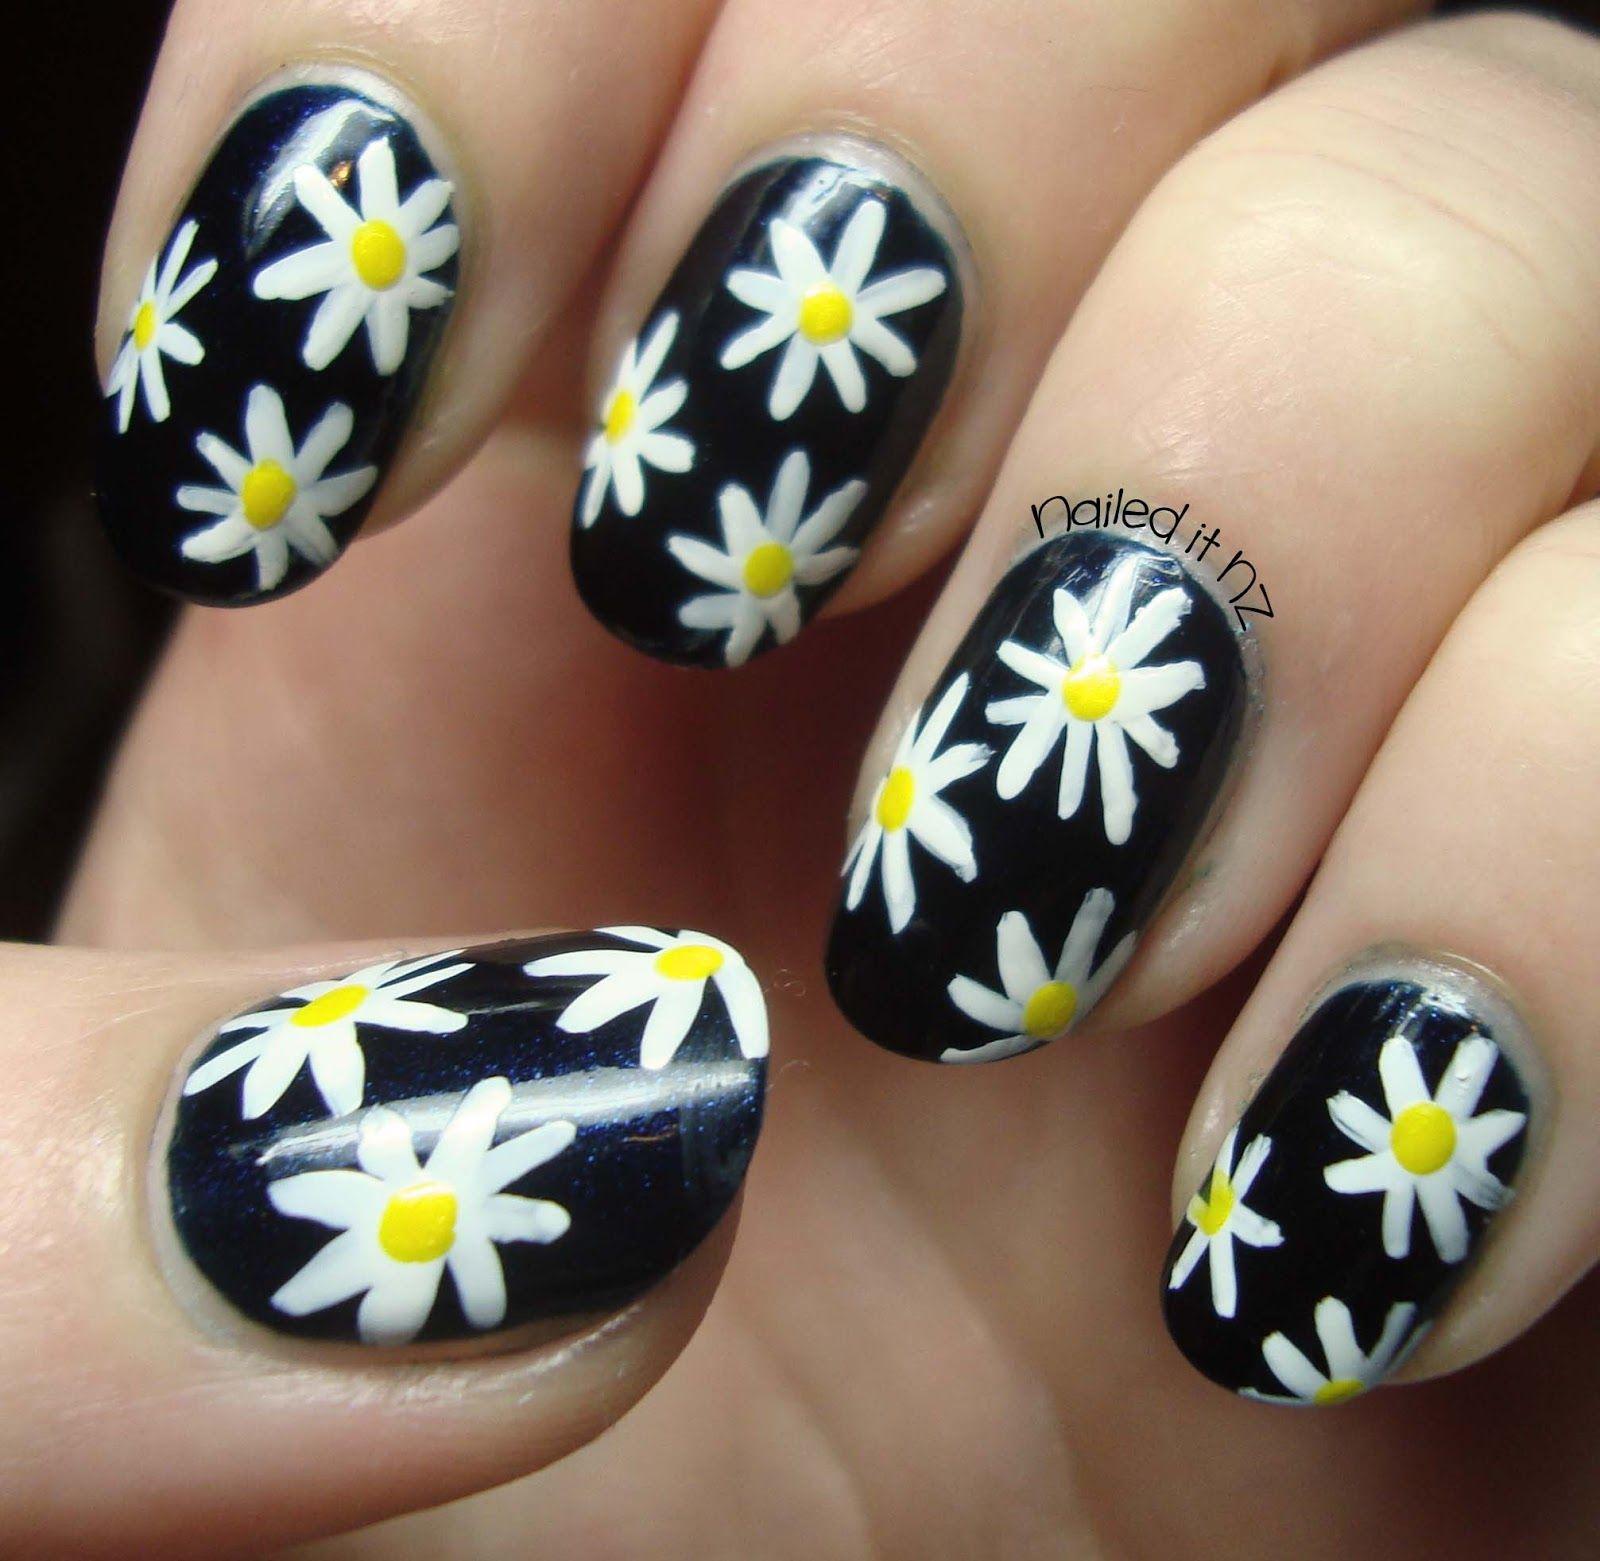 daisy nail art | Daisy Nails Tutorial | Nail art - toes & fingers ...